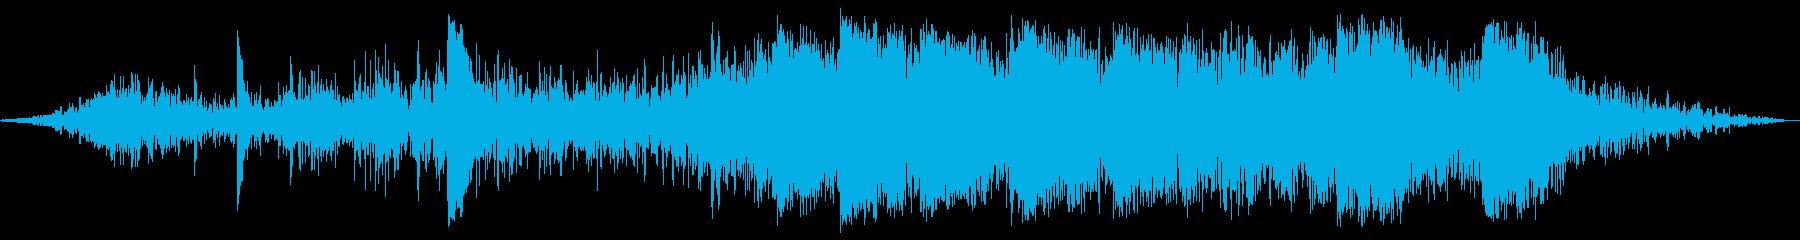 内部地震のゴロゴロ、ストレスクラッ...の再生済みの波形